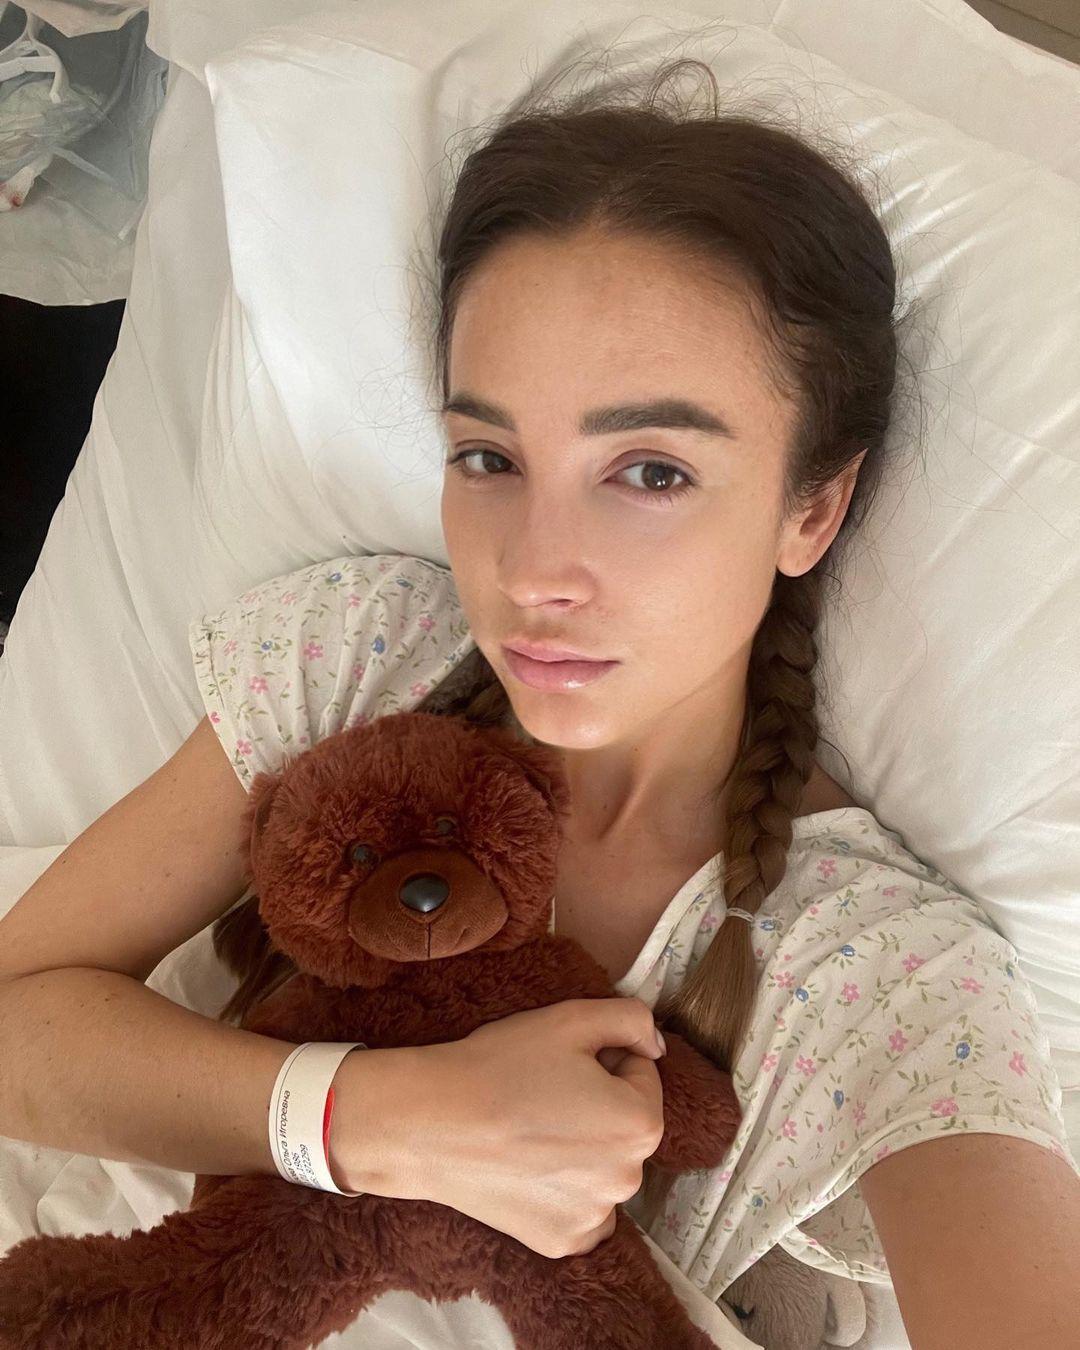 Простых операций не бывает: Ольга Бузова ответила на нападки из-за госпитализации: Несколько дней Ольга не комментировала жесткую реакцию окружающих на свою болезнь, но теперь, пойдя на поправку, Бузова признается, что произошедшее